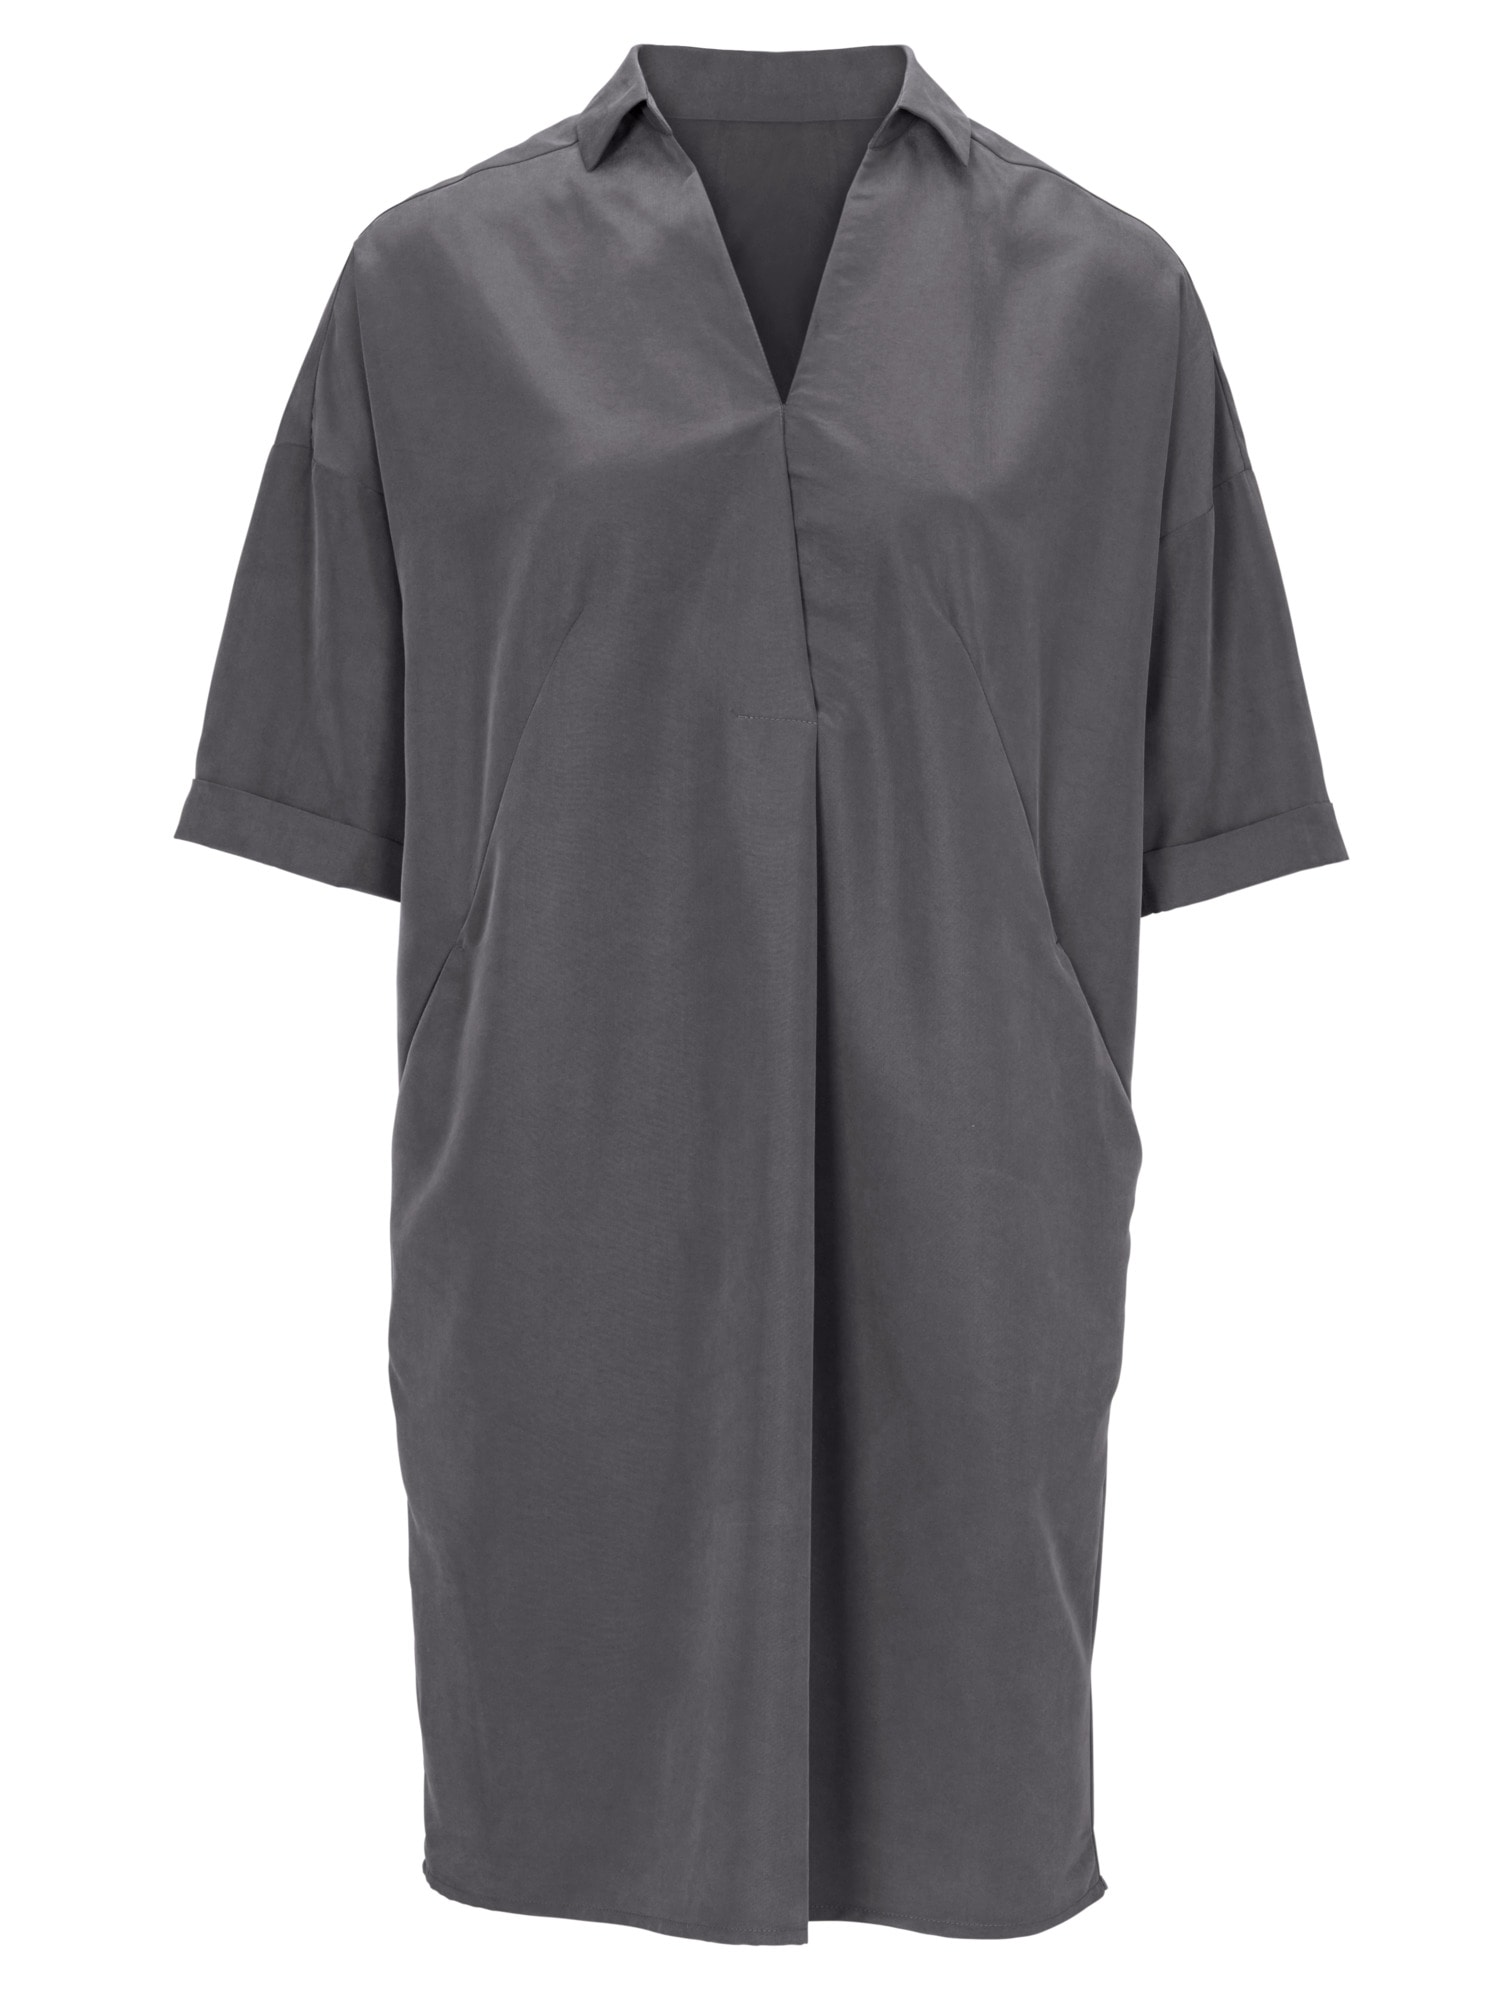 e1e25b976d736f heine STYLE Kleid mit Hemdkragen - Willi faehrt sie